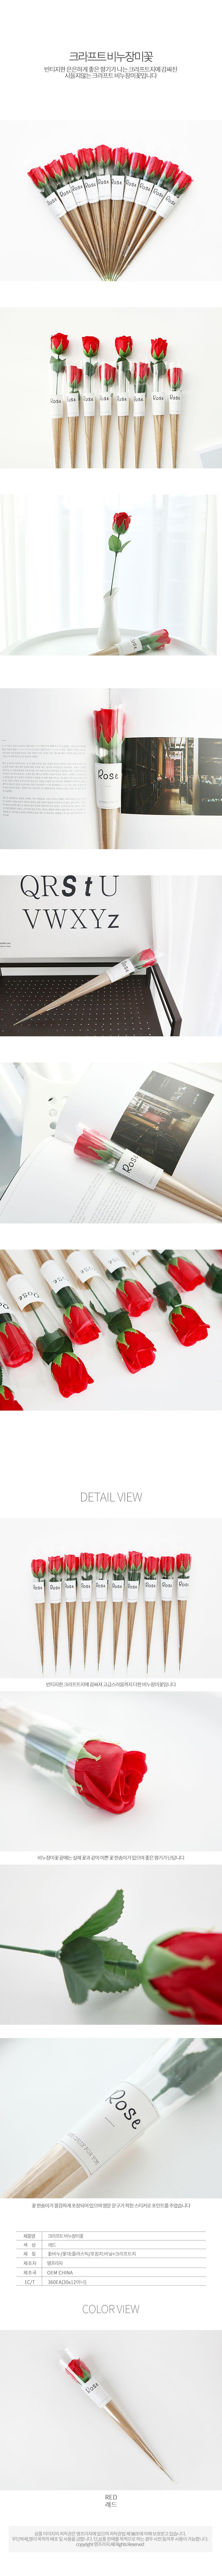 크라프트 비누장미꽃 - 포포팬시, 1,000원, 조화, 비누꽃